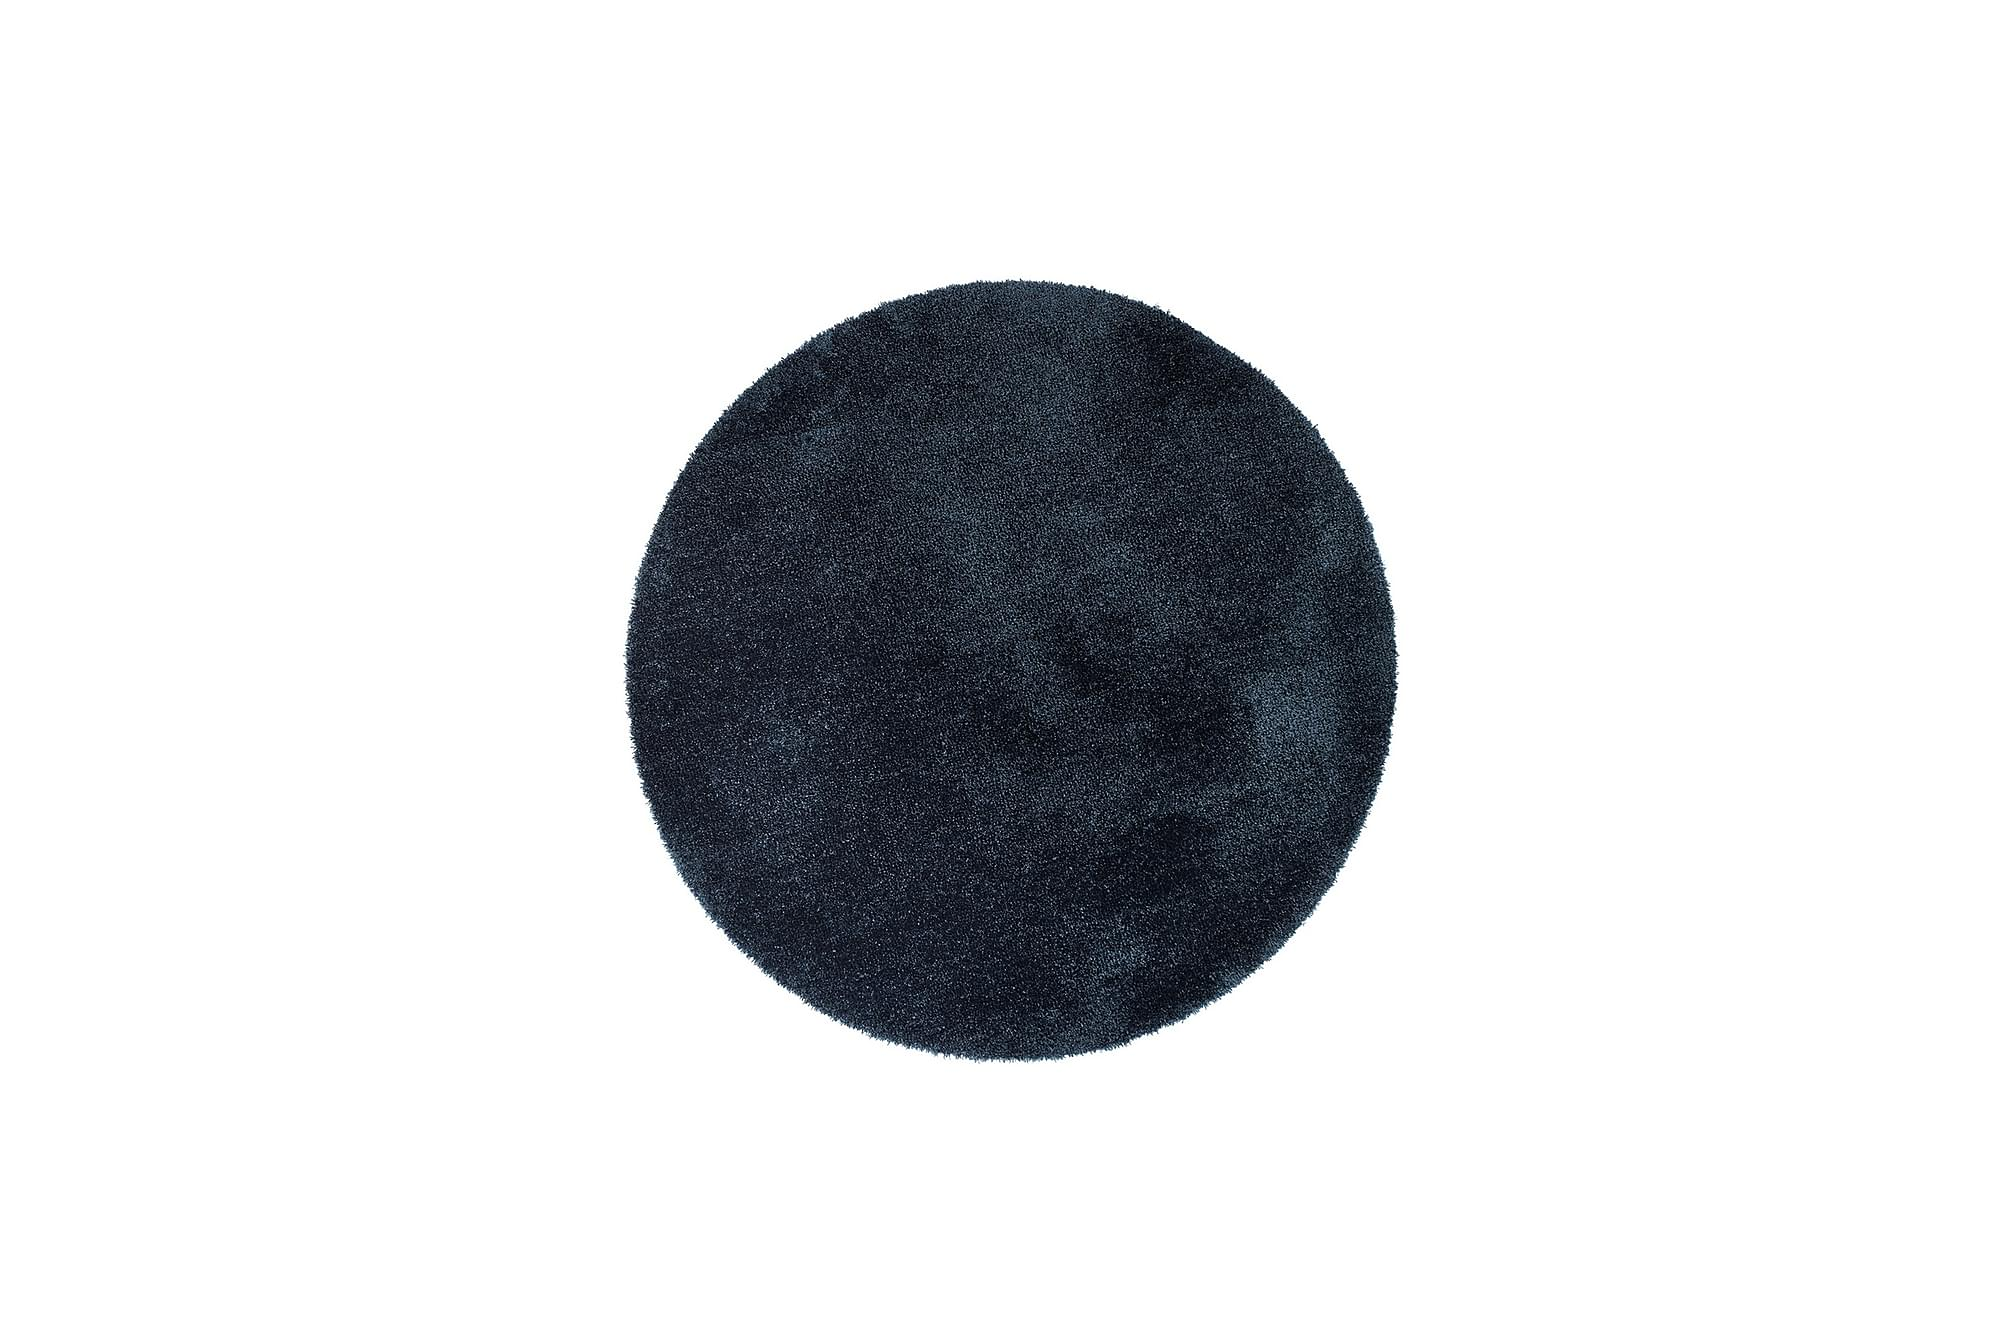 FEEL Matta 160 Rund Blå, Små mattor